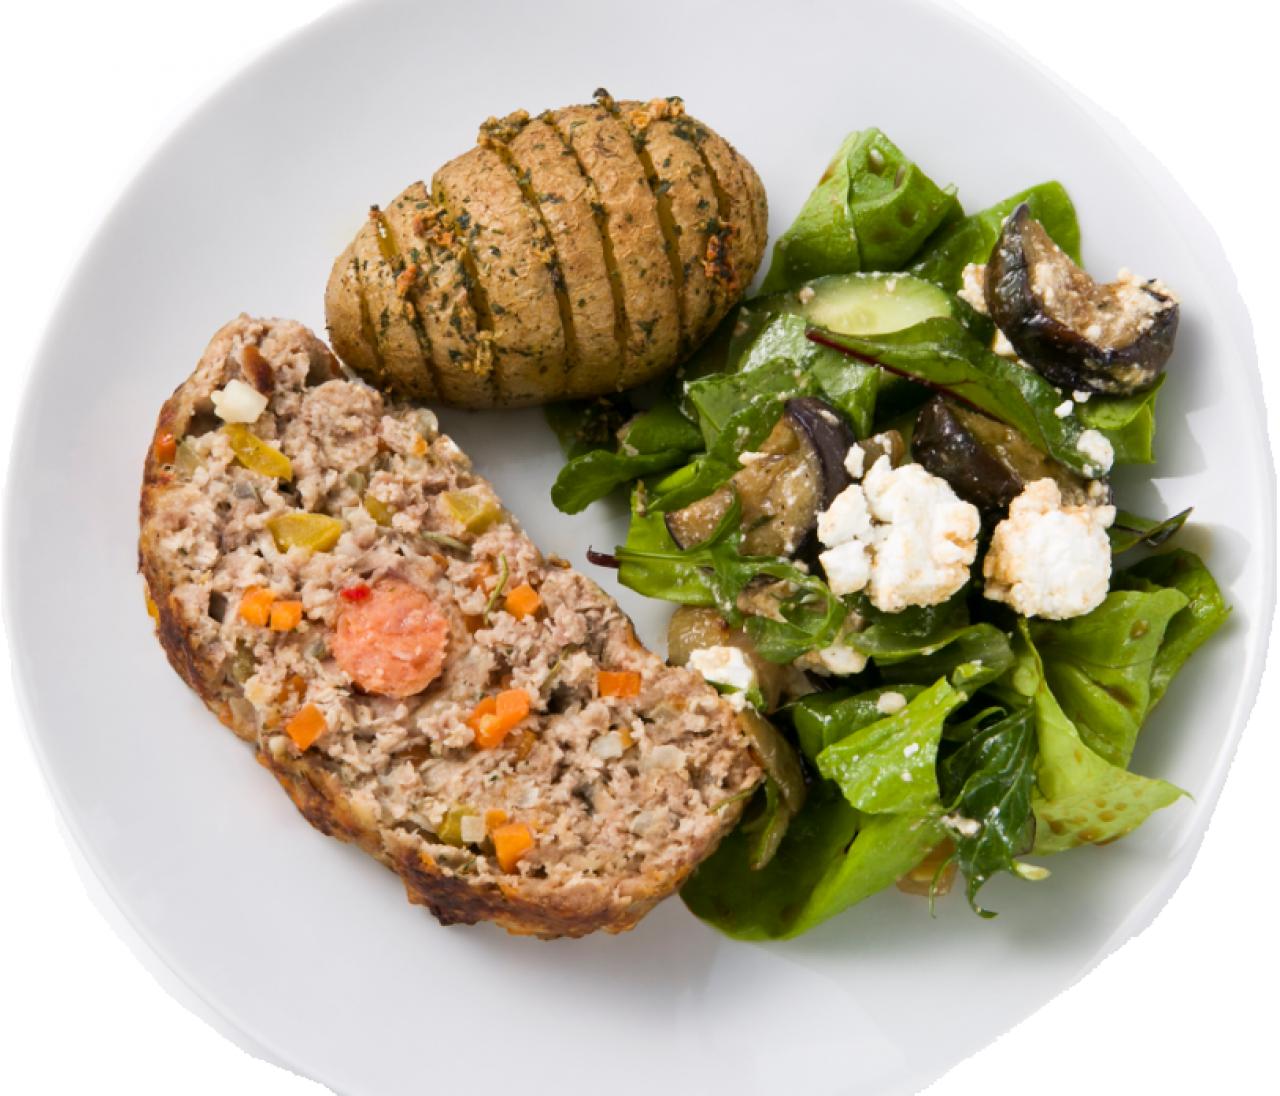 【レシピ】野菜もたんぱく質もたっぷり♡ NZのヘルシーミートローフレシピ